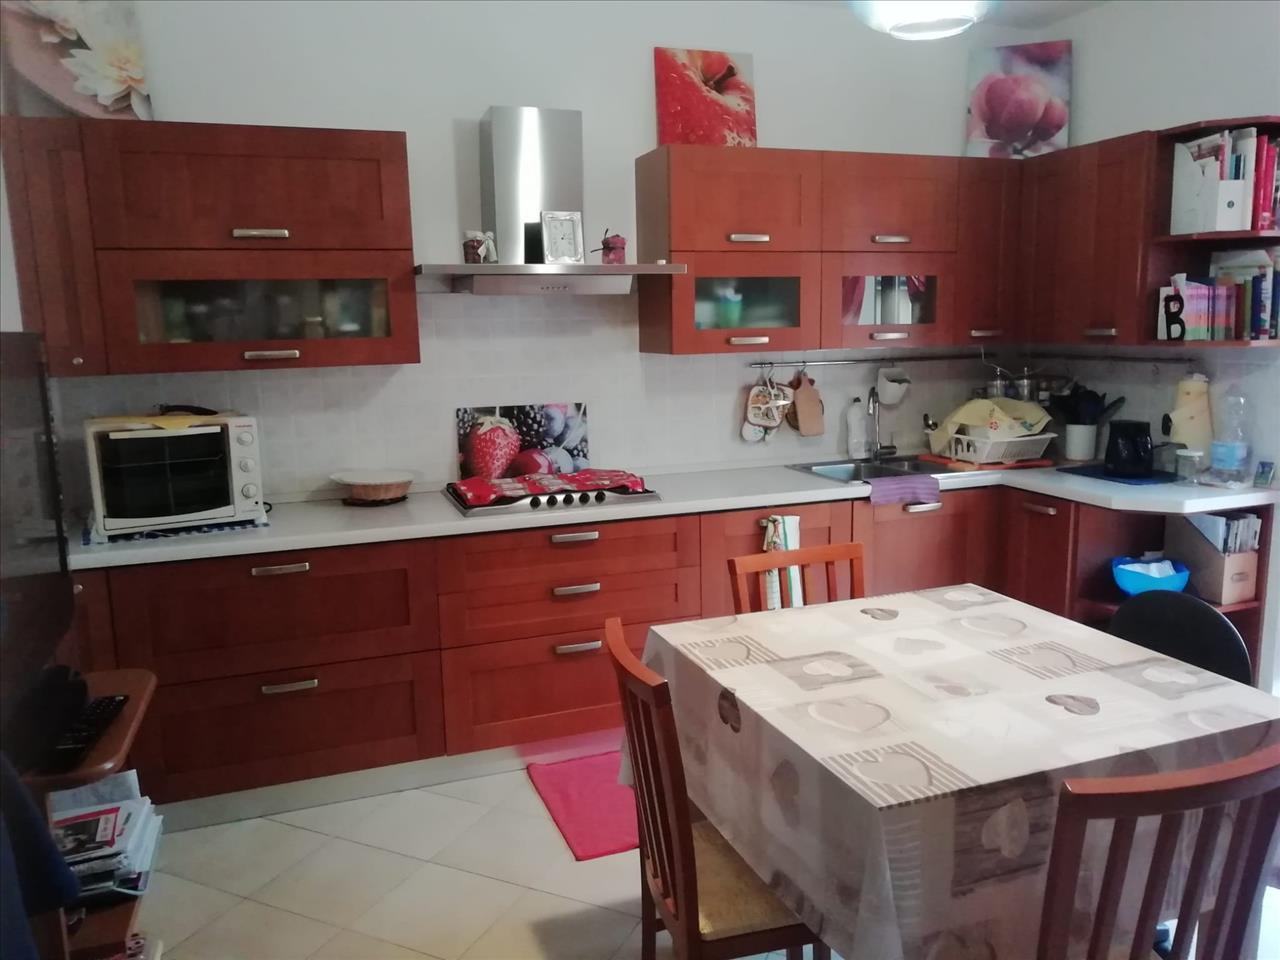 Rivergaro Agencia Inmobiliaria, Anna Tecno Immobiliare